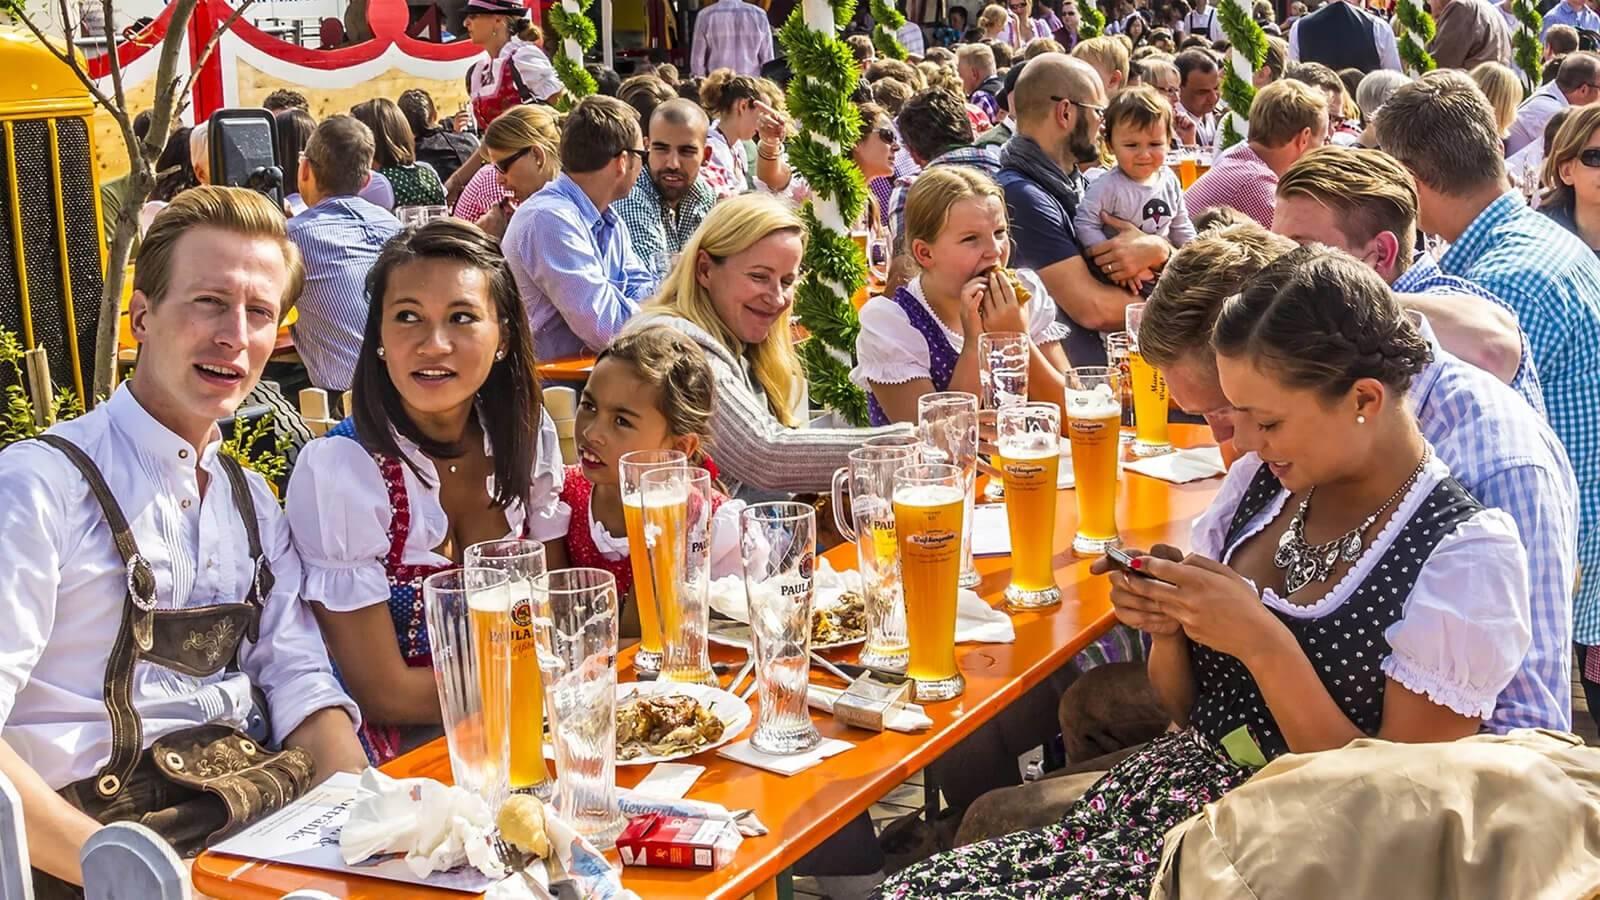 Ндс в германии в 2021 году: возврат, ставка, размер, уплата